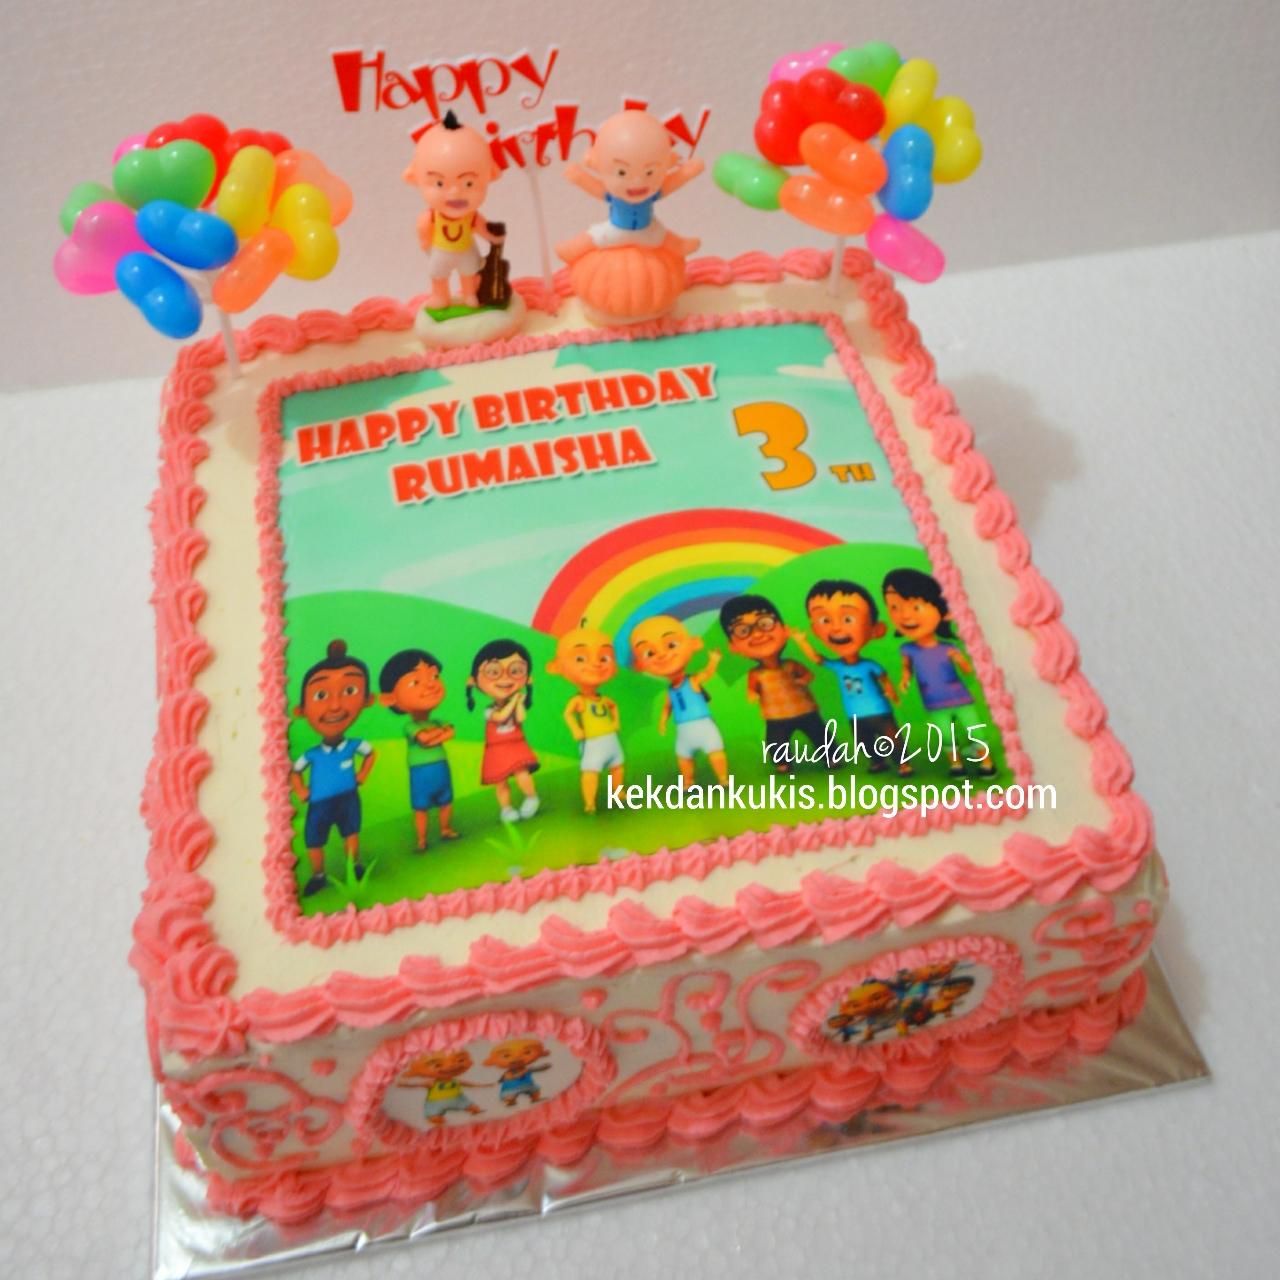 DAPUR CAKE DAN COOKIES UPIN IPIN BIRTHDAY CAKE FOR MAISHA